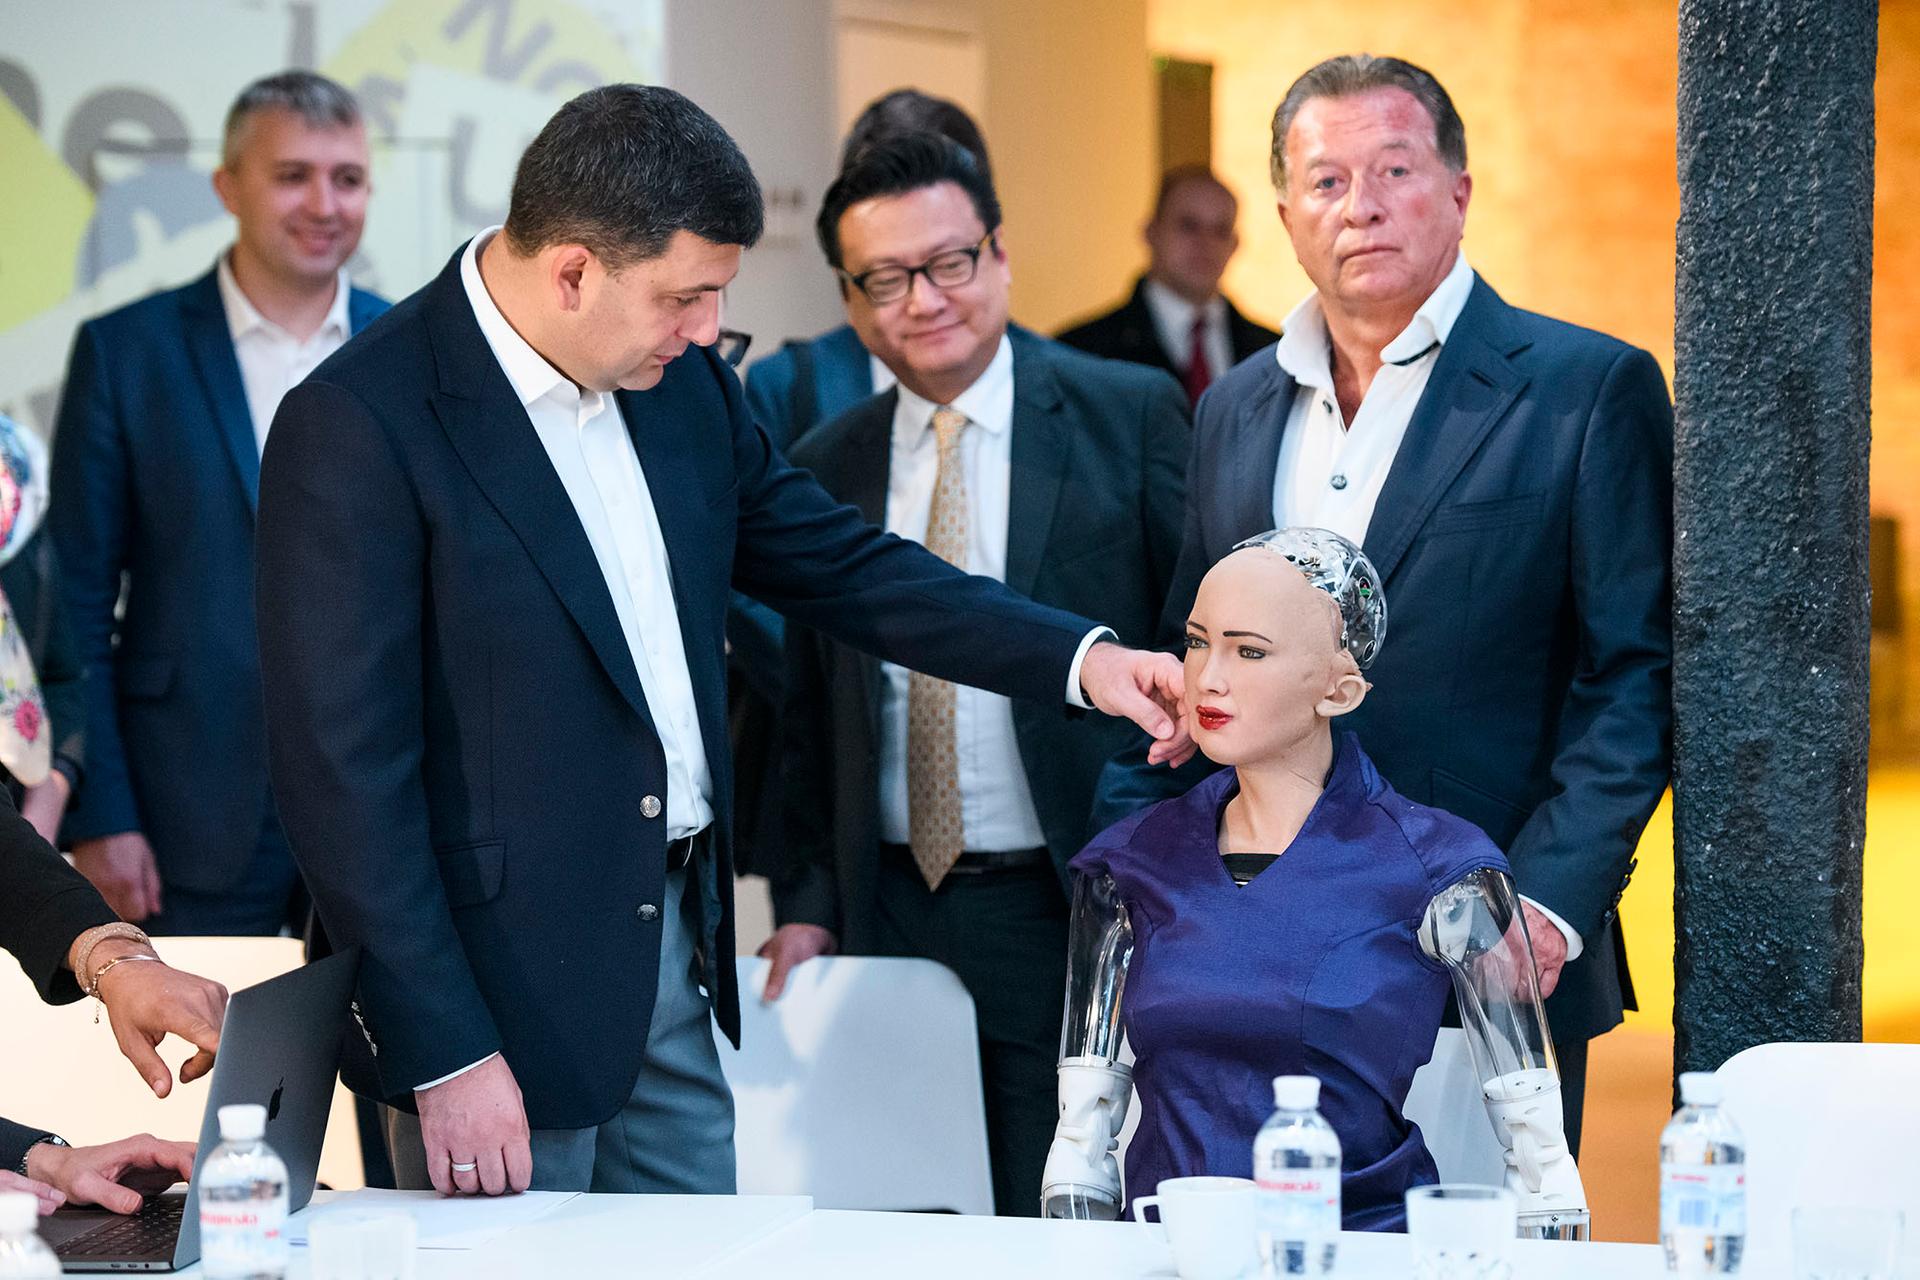 Прем'єр Гройсман та робот Софія